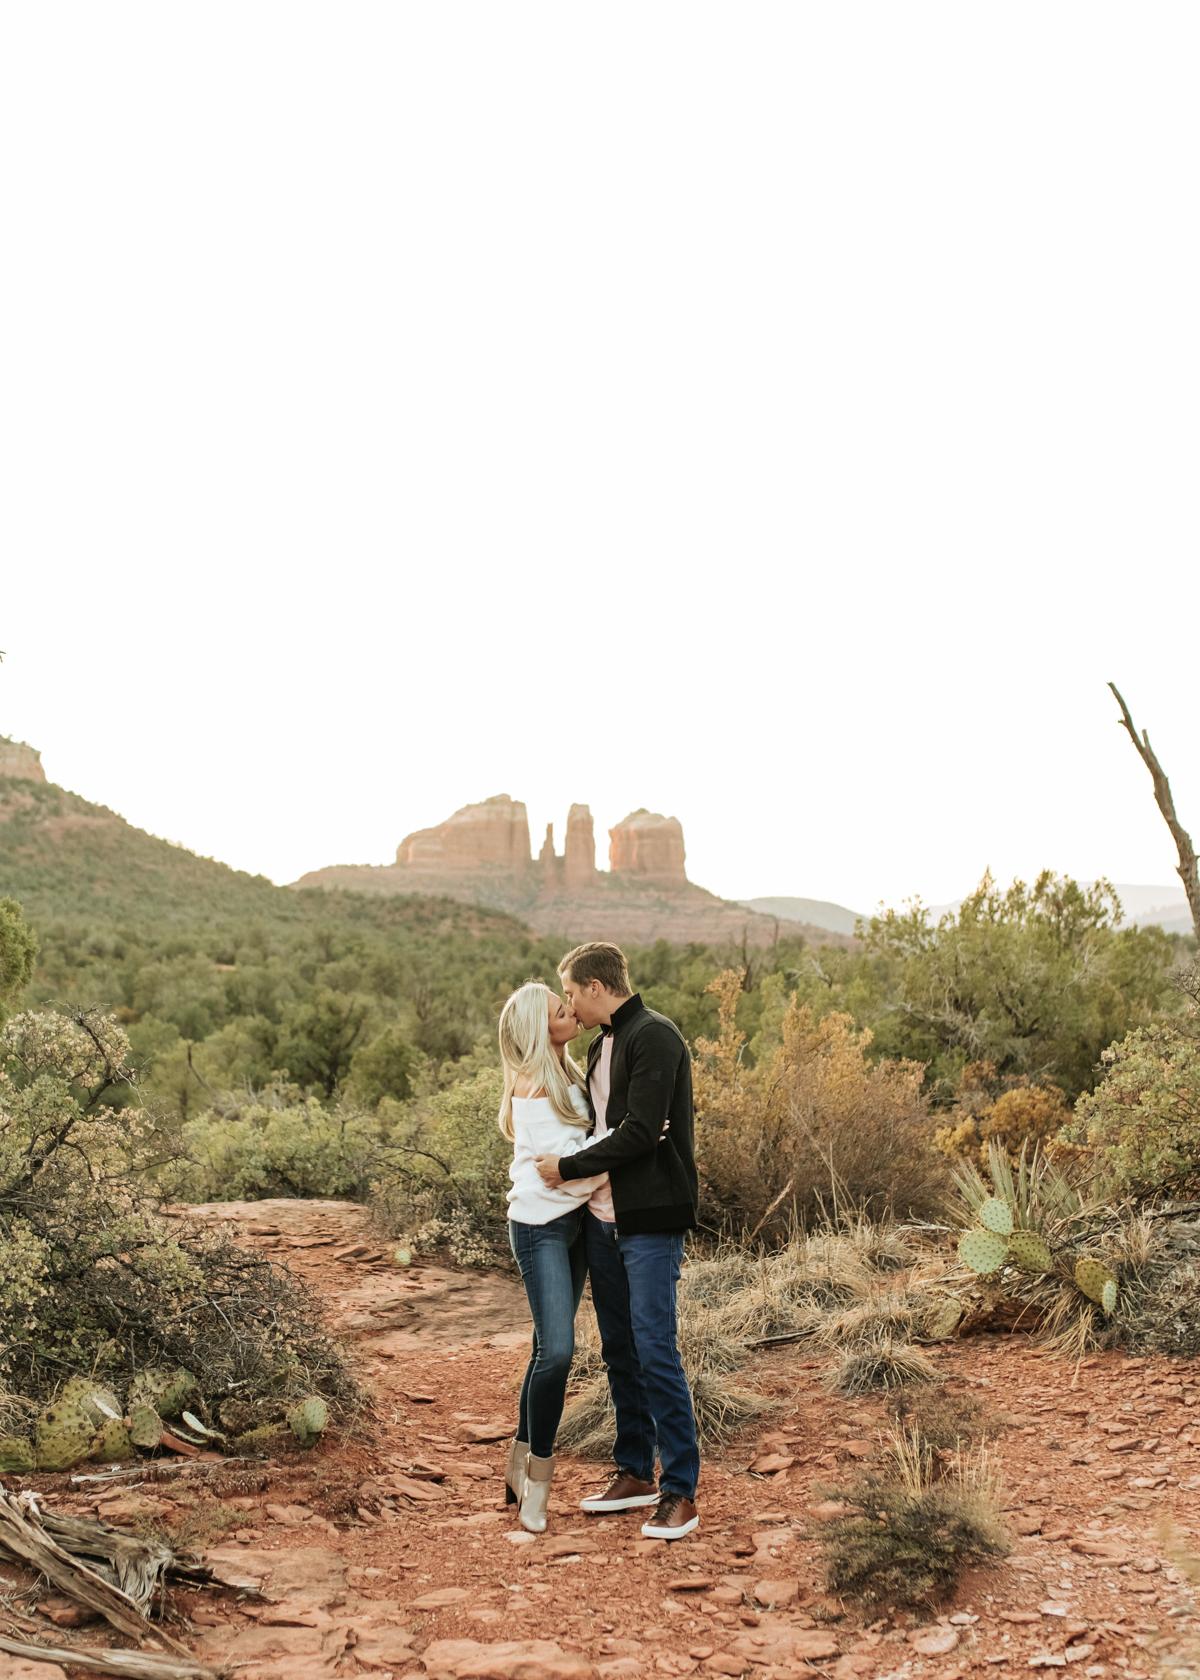 Megan Claire Photography | Adventurous Sedona Arizona Engagement SessionMegan Claire Photography | Adventurous Sedona Arizona Engagement Session